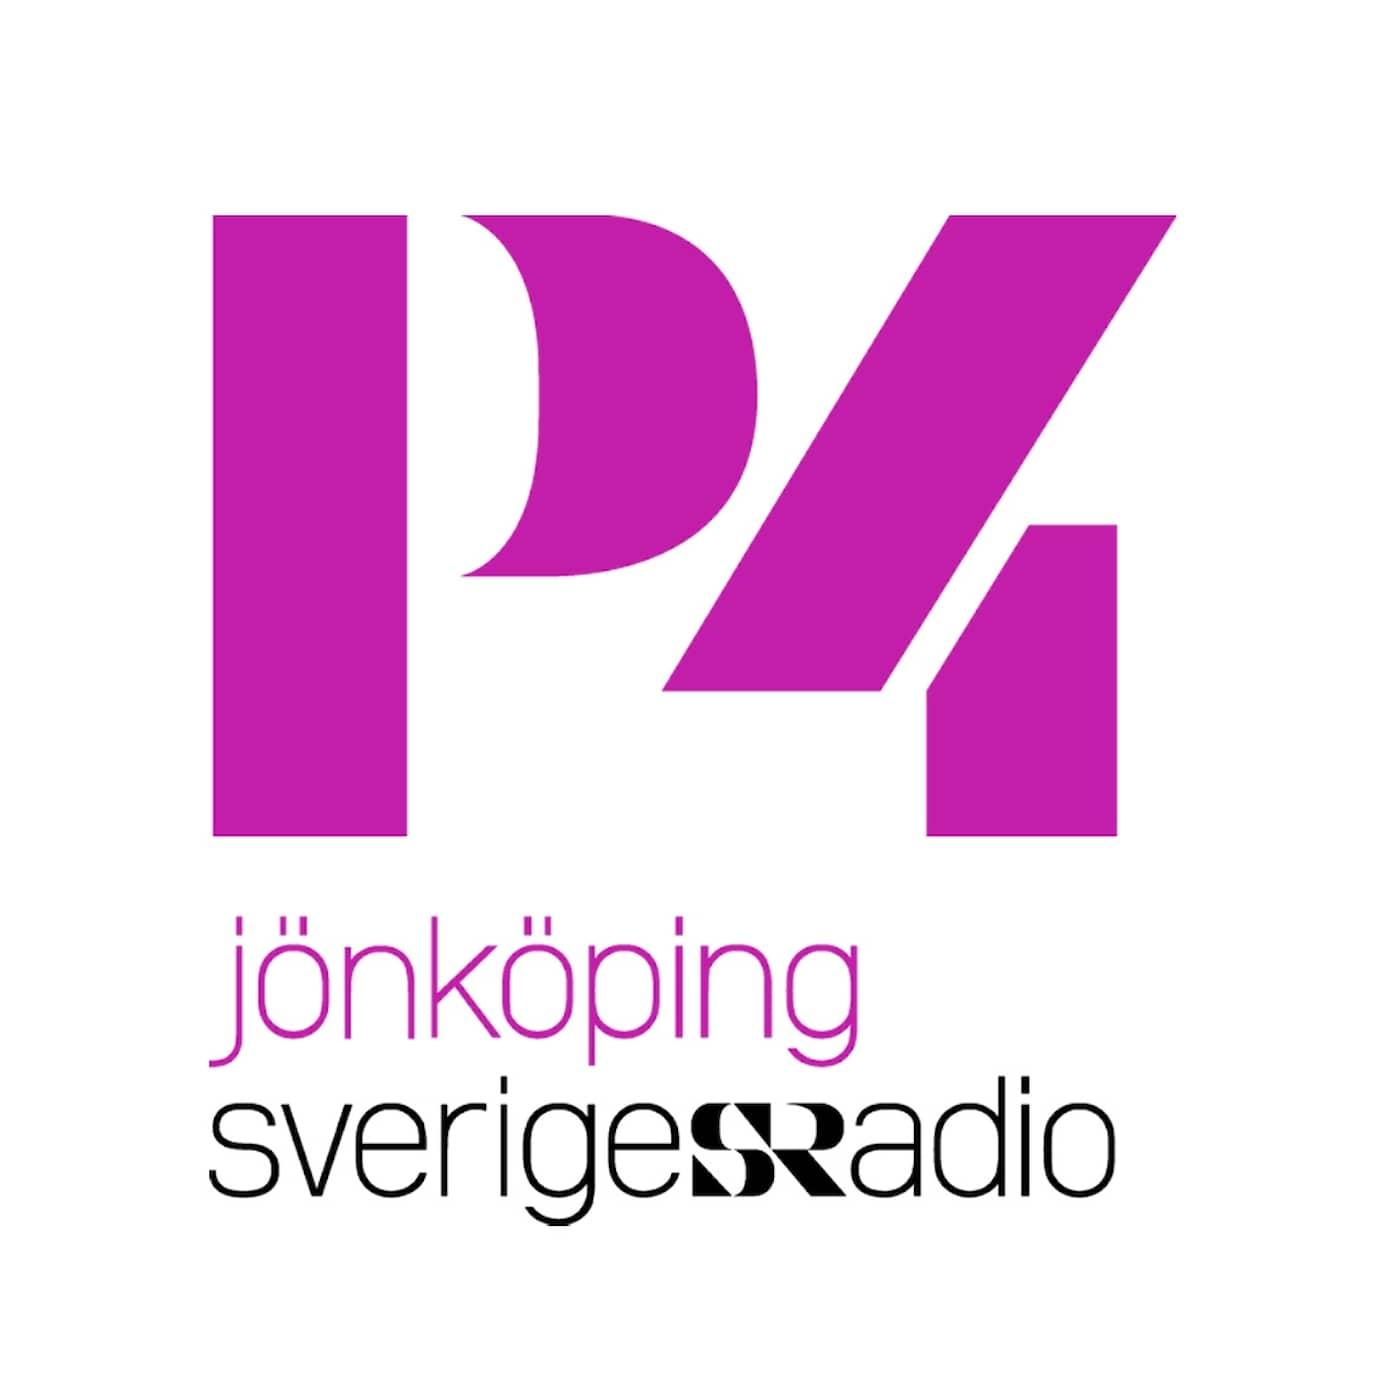 Nyheter P4 Jönköping 2021-10-23 kl. 09.30